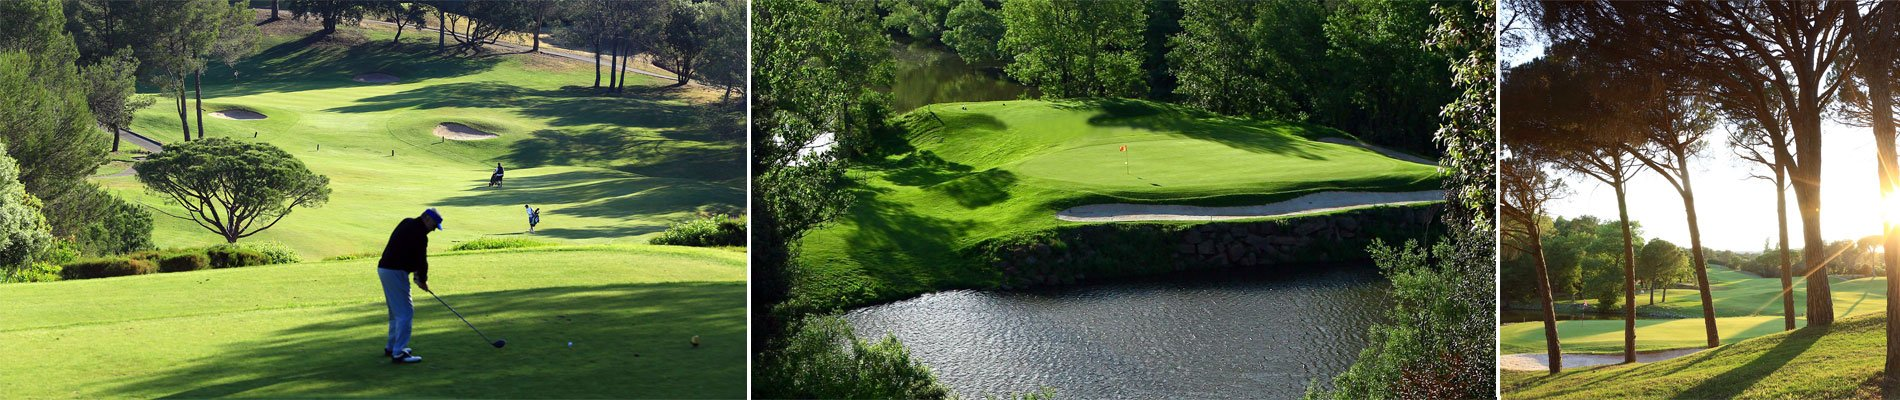 domaine-de-saint-endreol-villa-zomers-frankrijk-golf